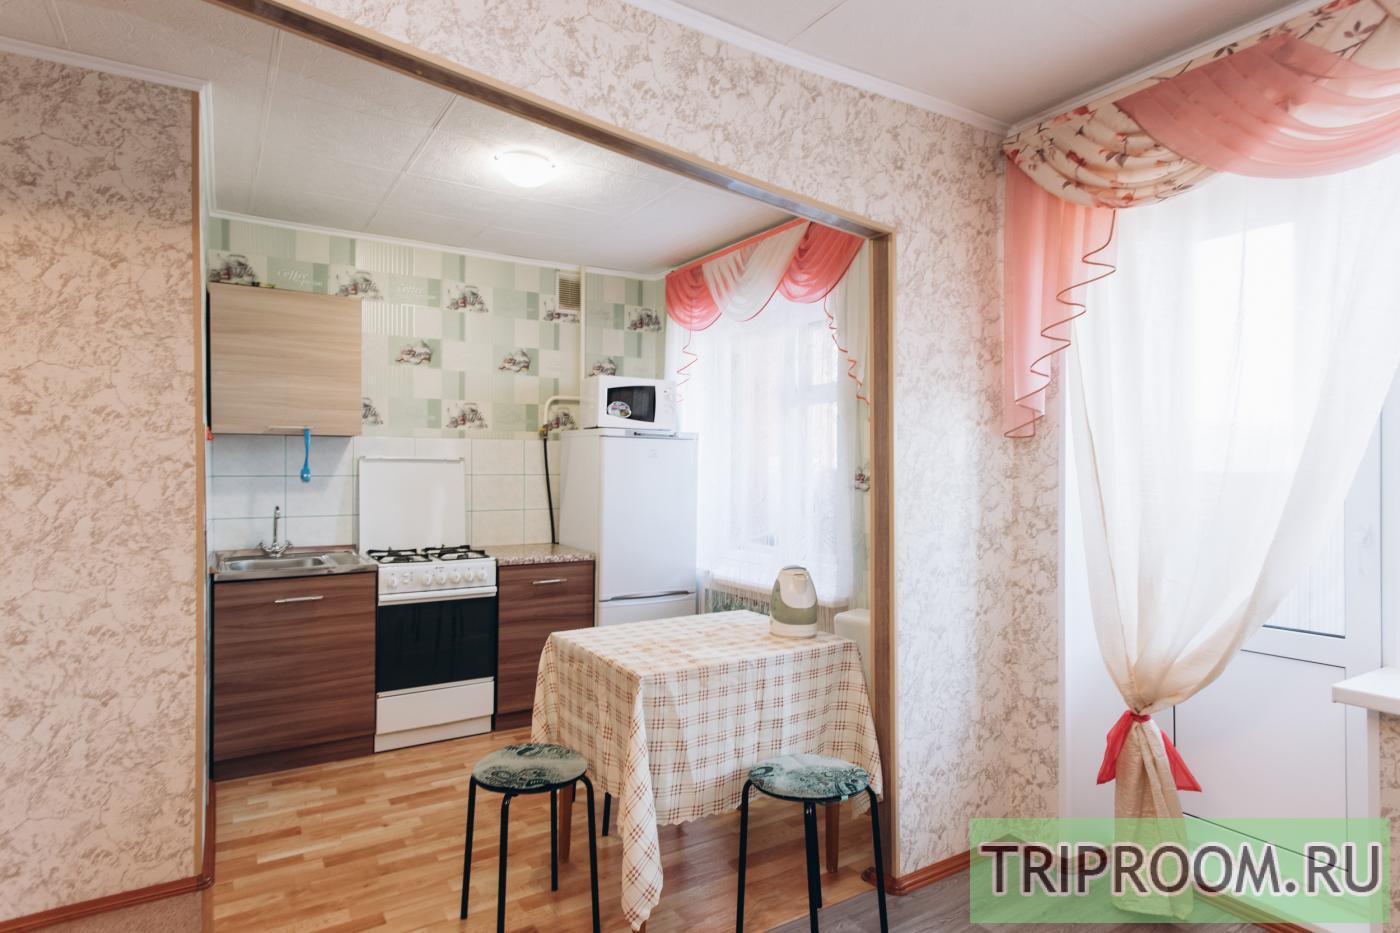 1-комнатная квартира посуточно (вариант № 14750), ул. Белореченская улица, фото № 5